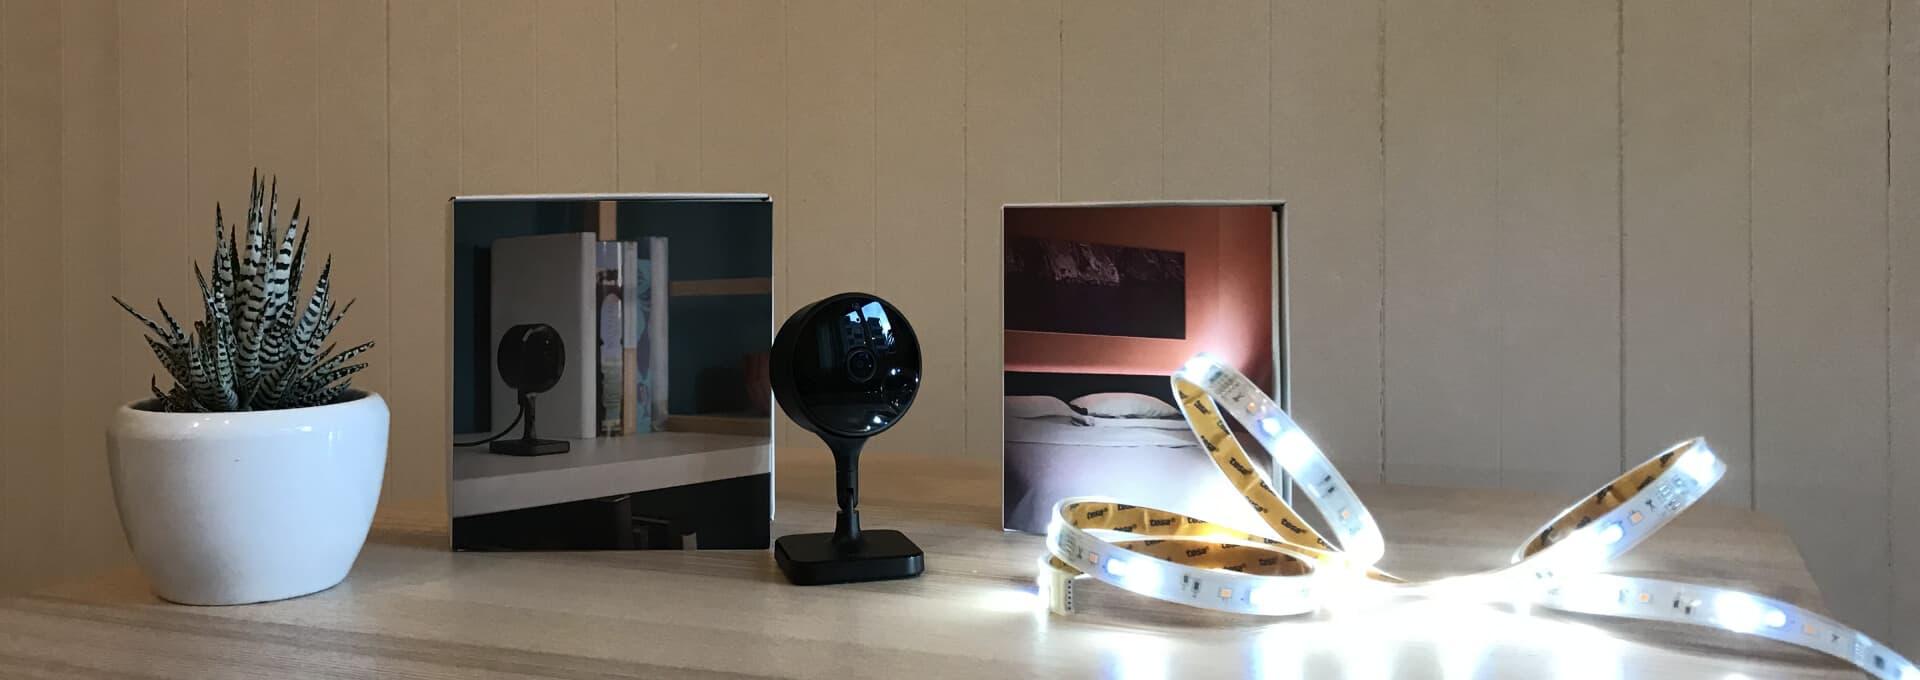 Eve Cam und Eve Light Strip für das Smart Home